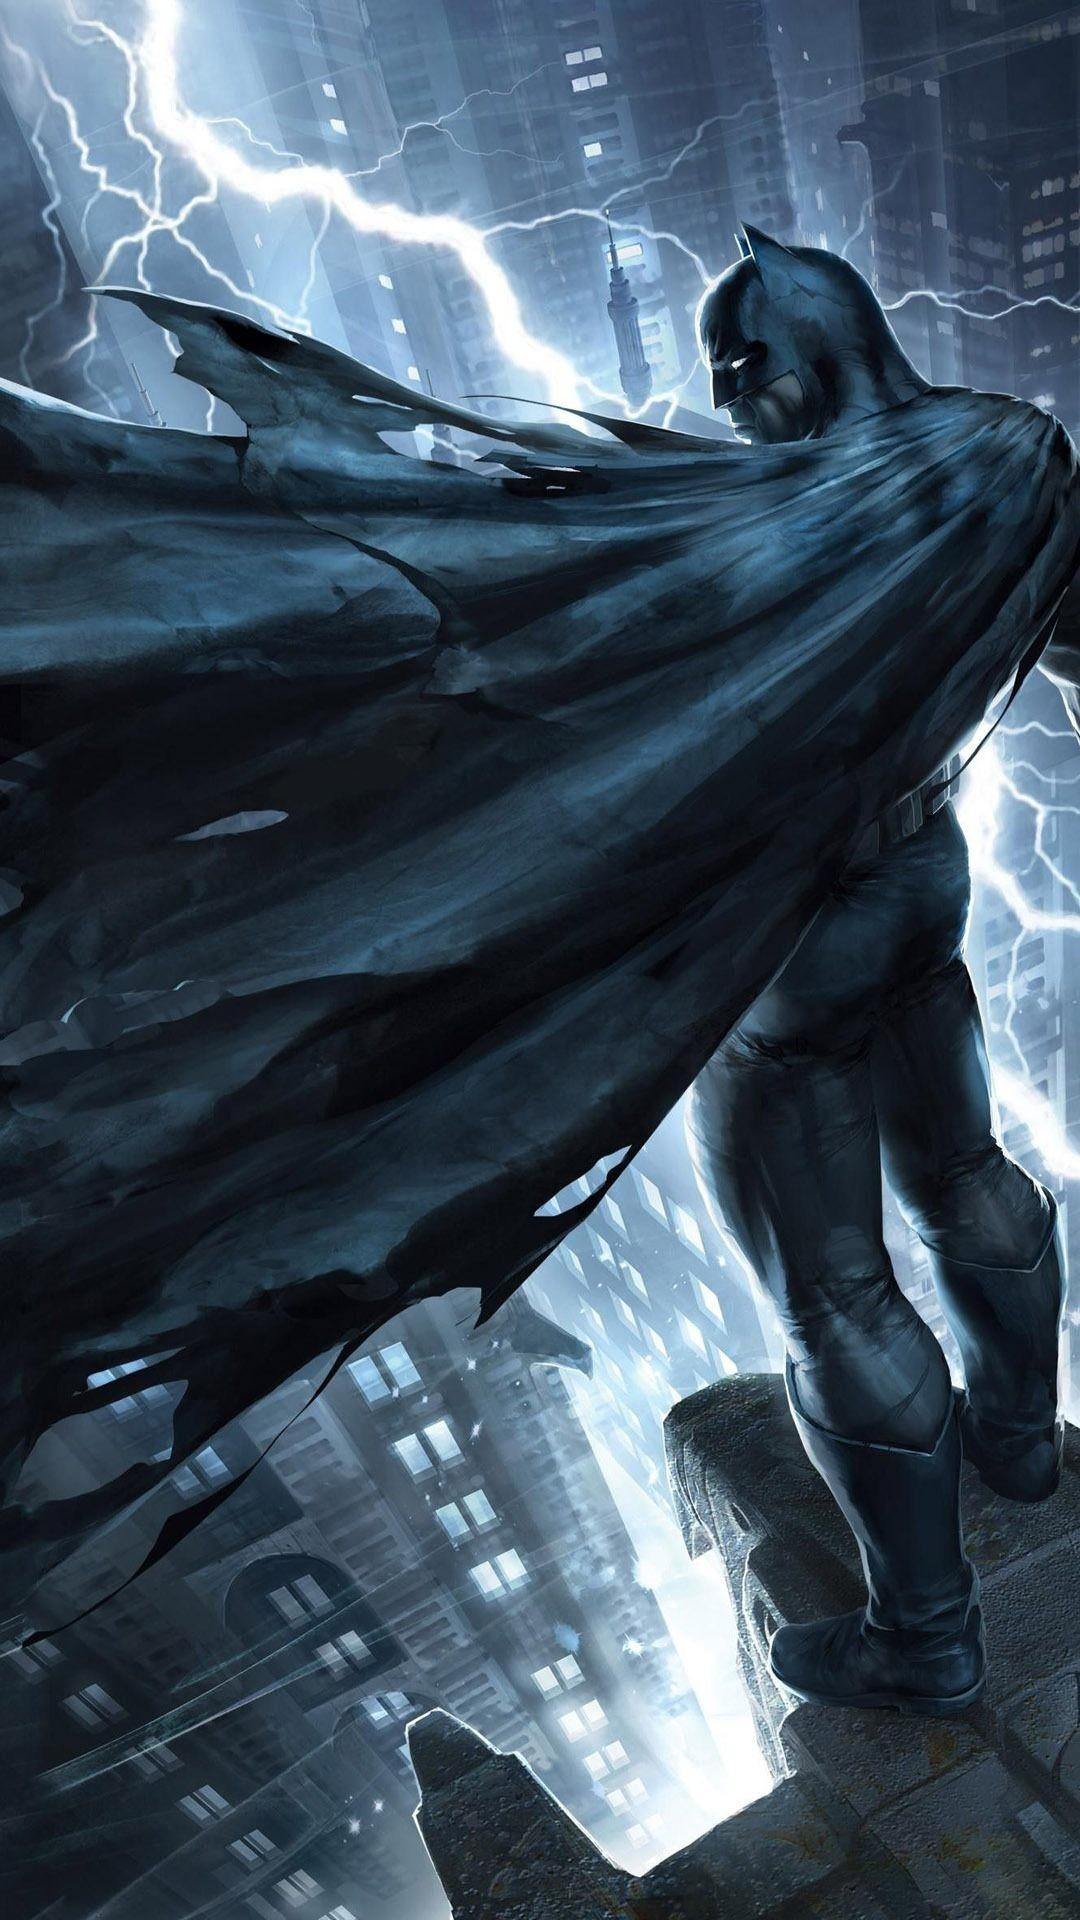 Wallpaper Weekends Batman The Hero Your iPhone Deserves 1080x1920